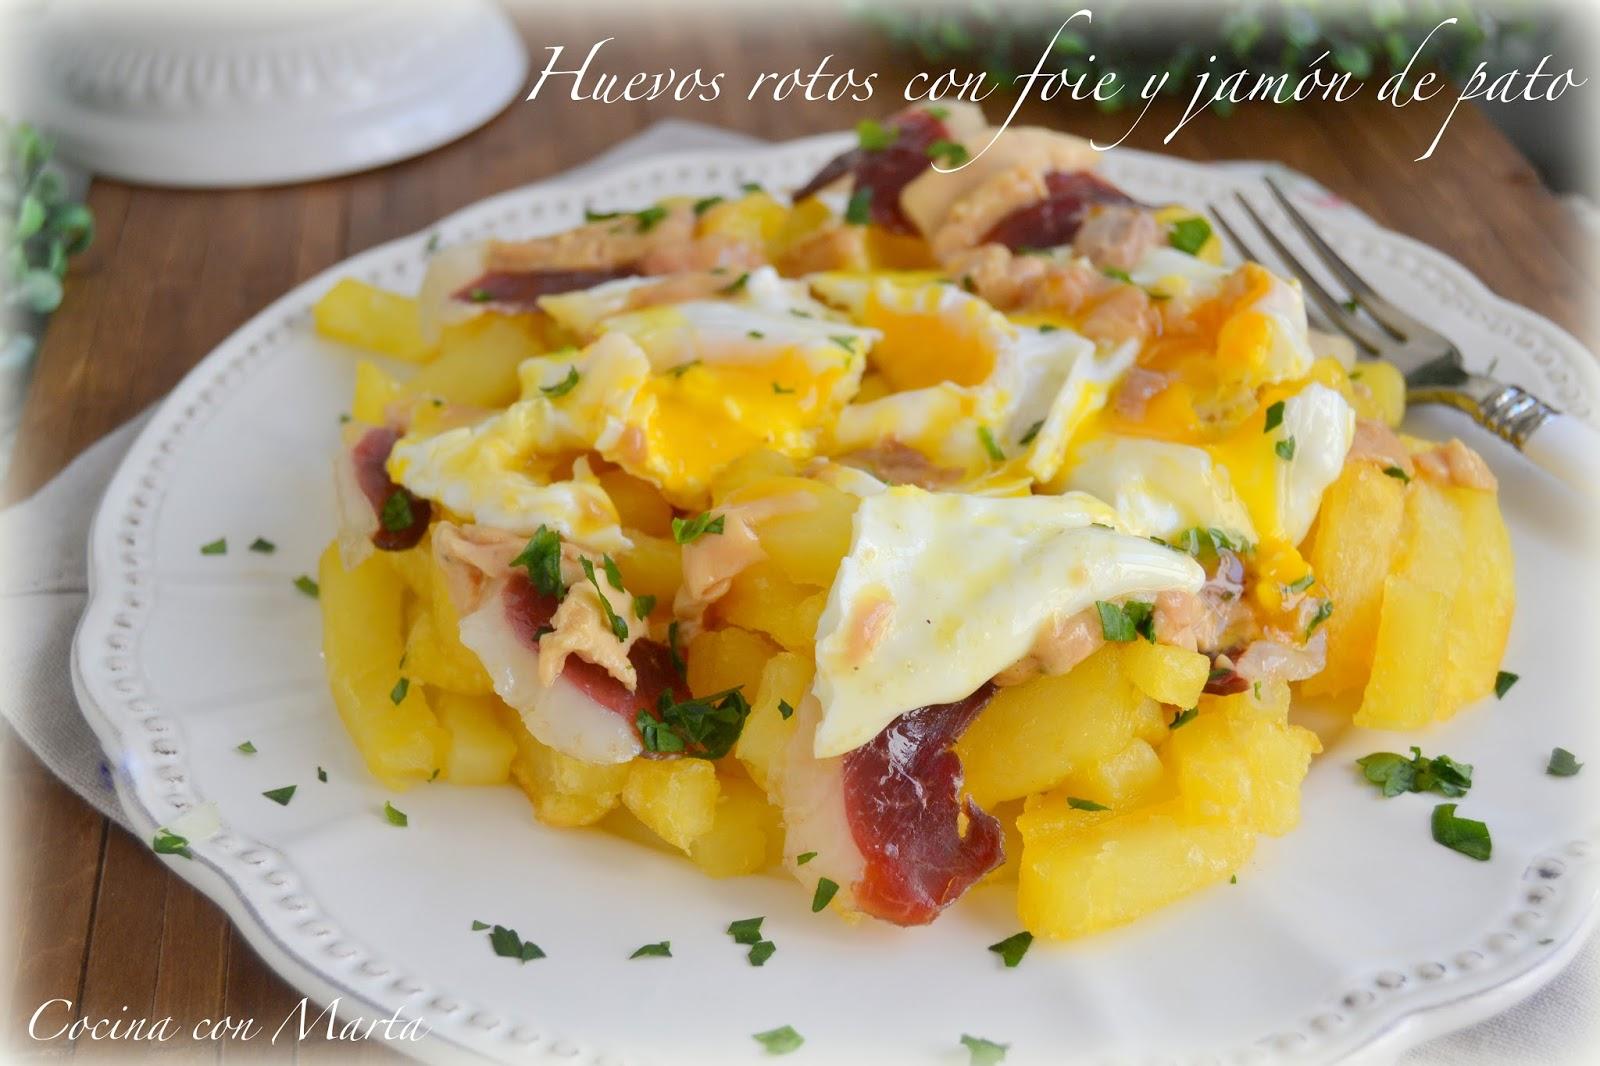 Huevos rotos con patatas, foie mi-cuit y jamón de pato. Receta casera, fácil y rápida